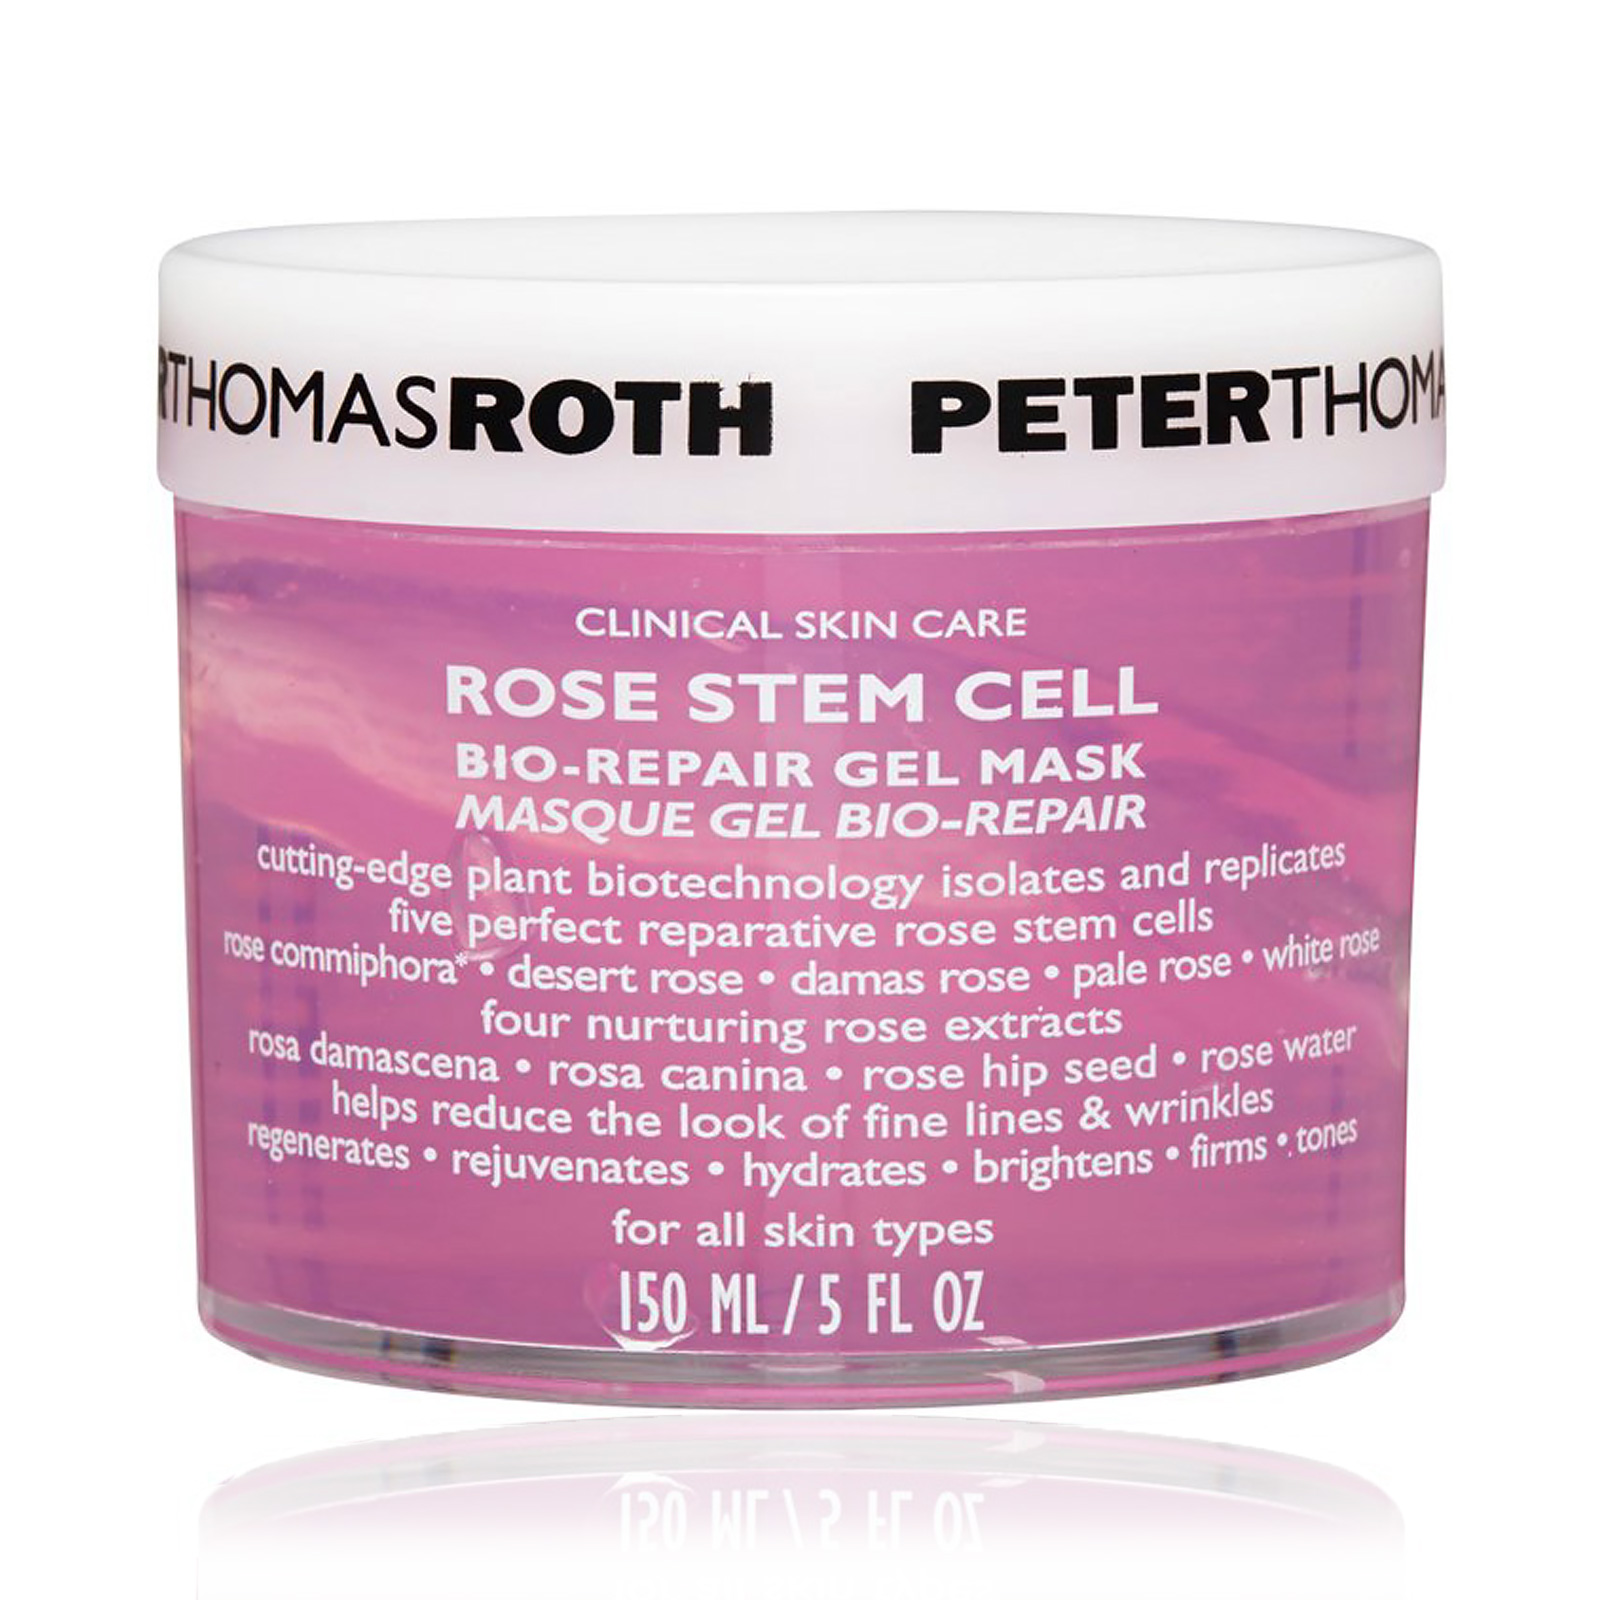 Rose Stem Cell Bio-Repair Gel Mask (For All Skin Types)